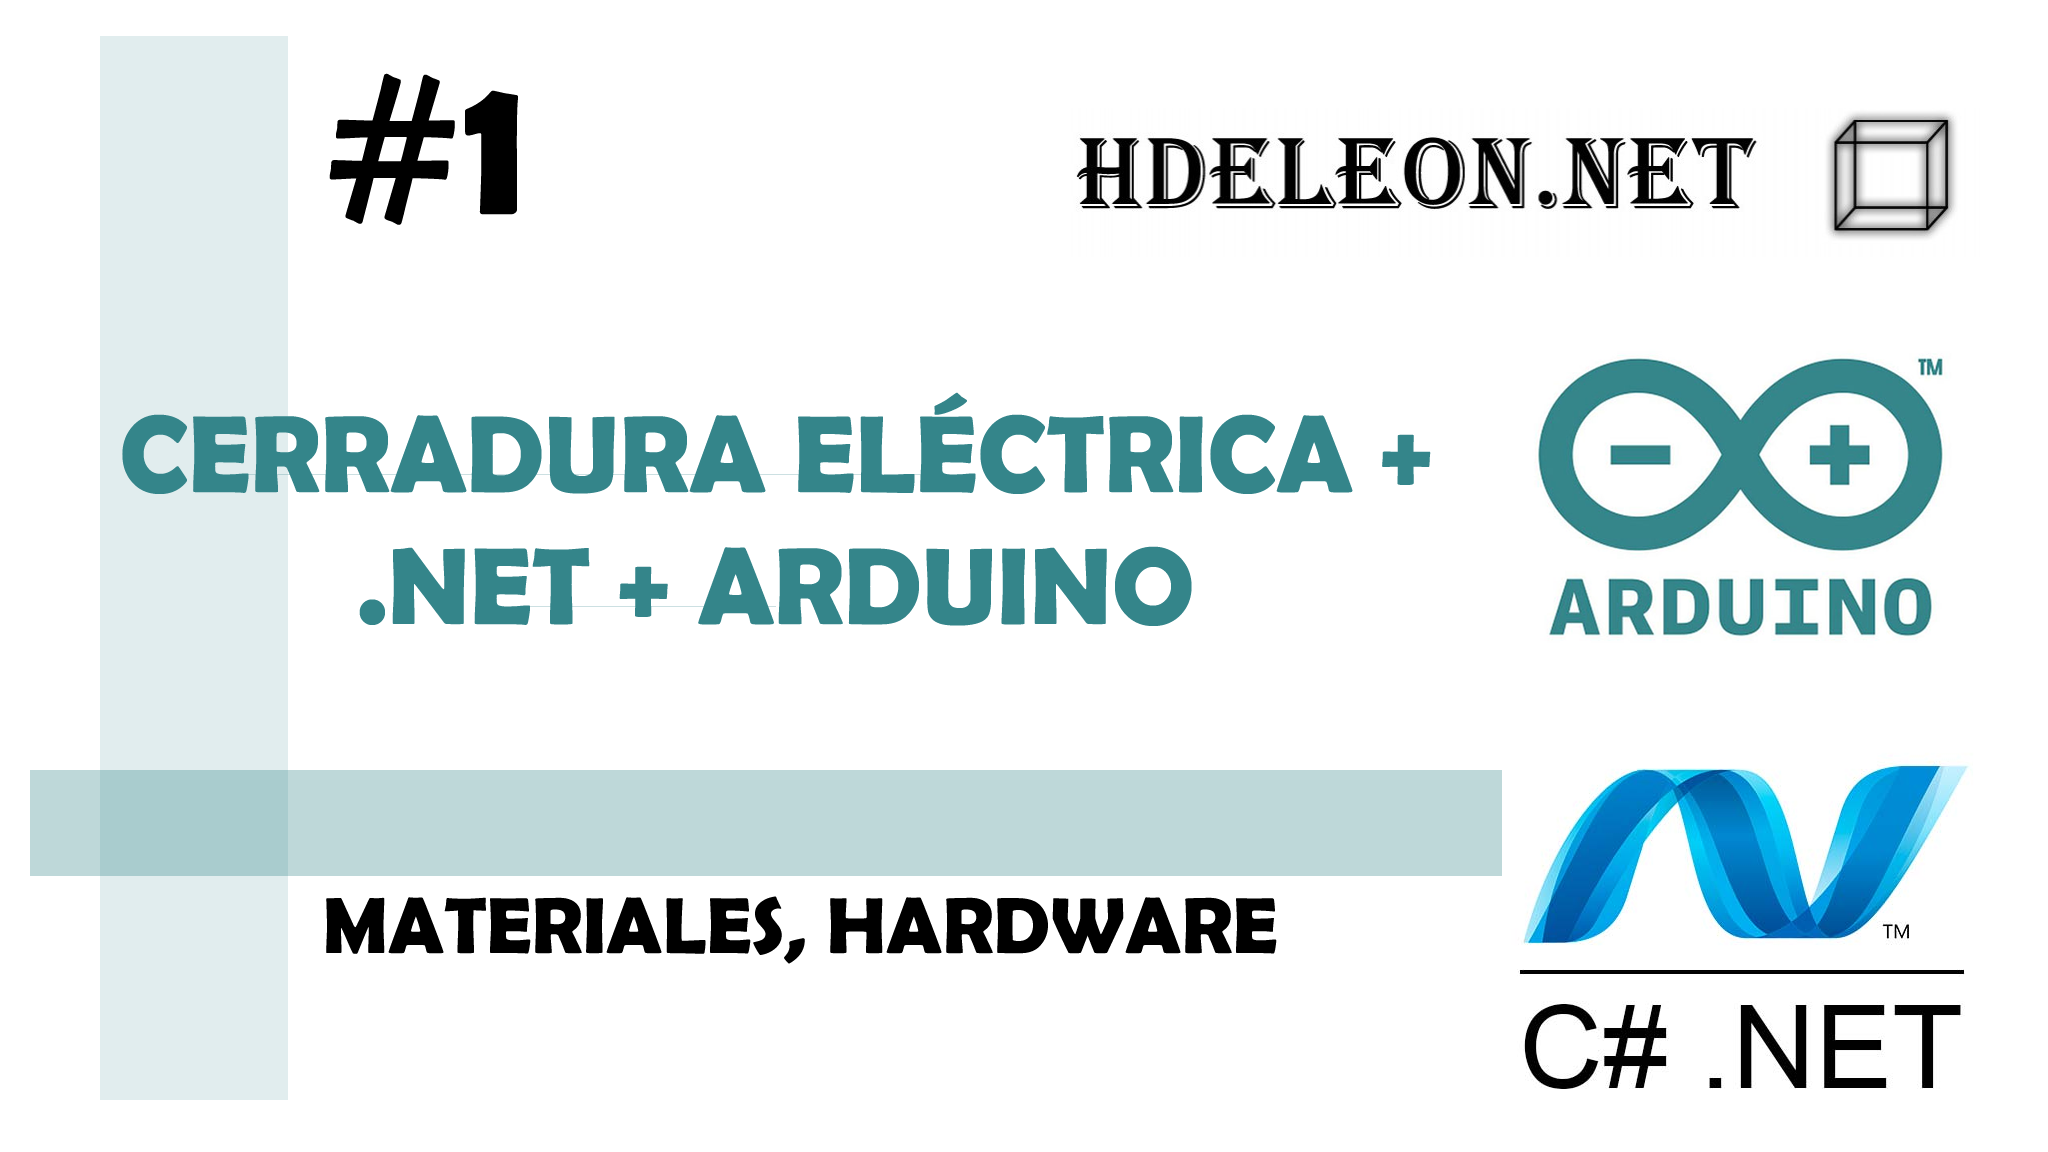 Curso para conectar Cerradura eléctrica con .Net y Arduino, Hardware y materiales, #1